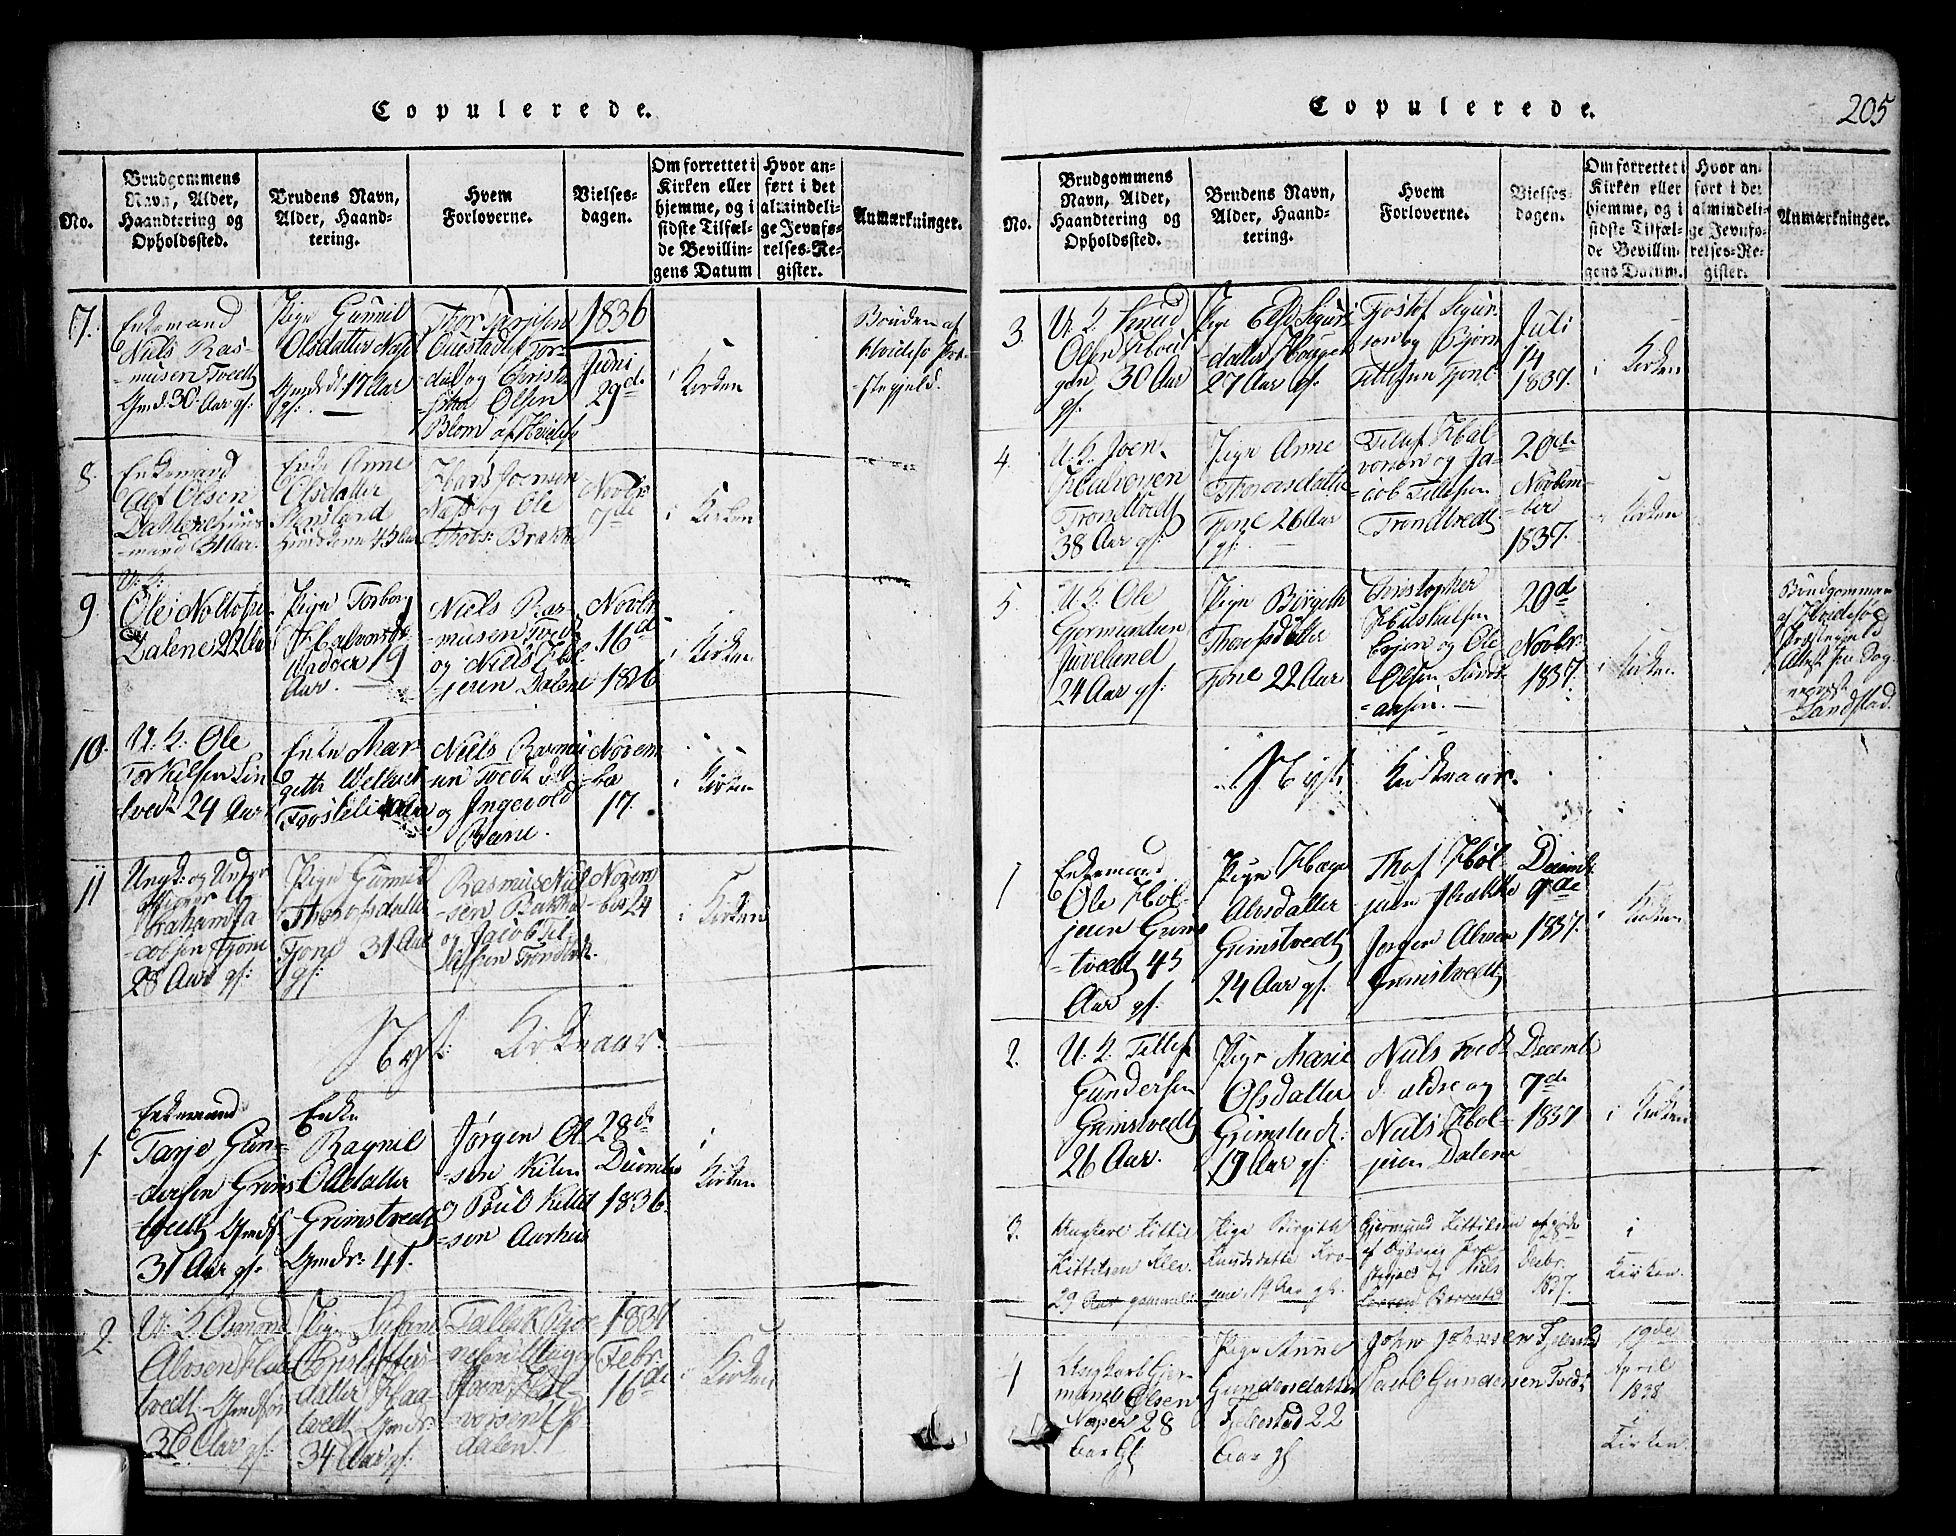 SAKO, Nissedal kirkebøker, G/Ga/L0001: Klokkerbok nr. I 1, 1814-1860, s. 205